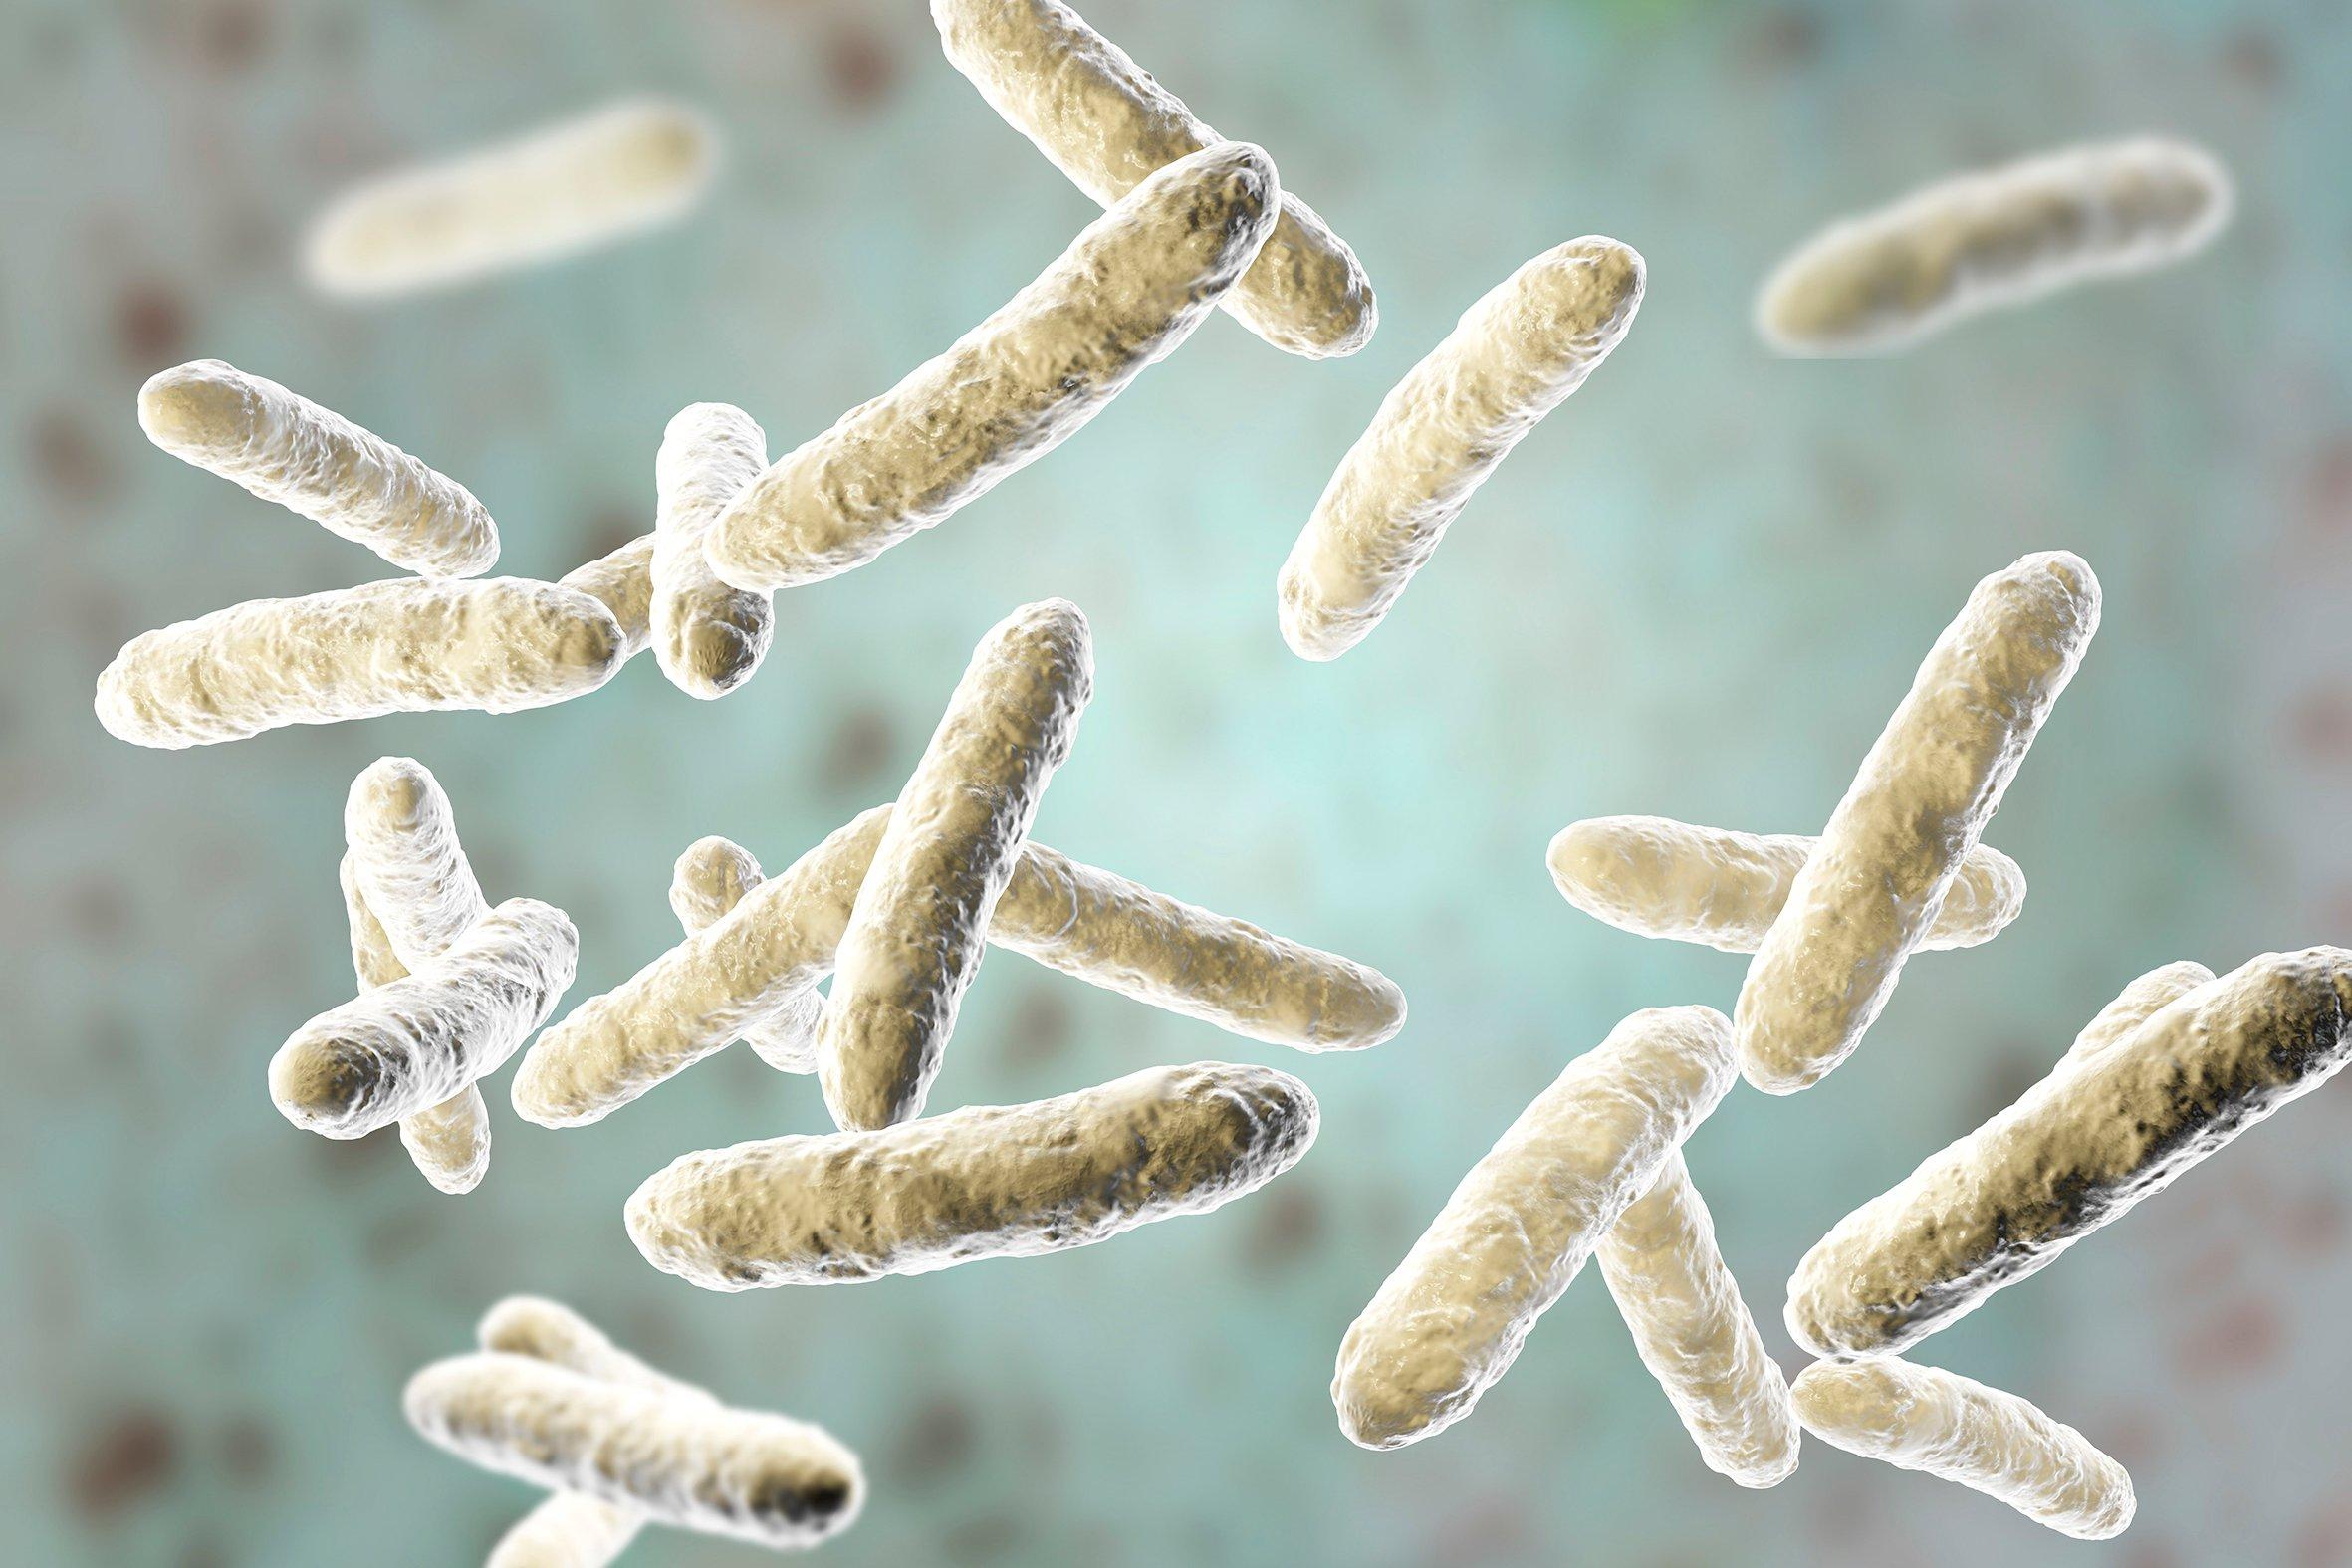 Bakteria baik membantu badan memerangi pelbagai penyakit. - FOTO VITAGEN Malaysia